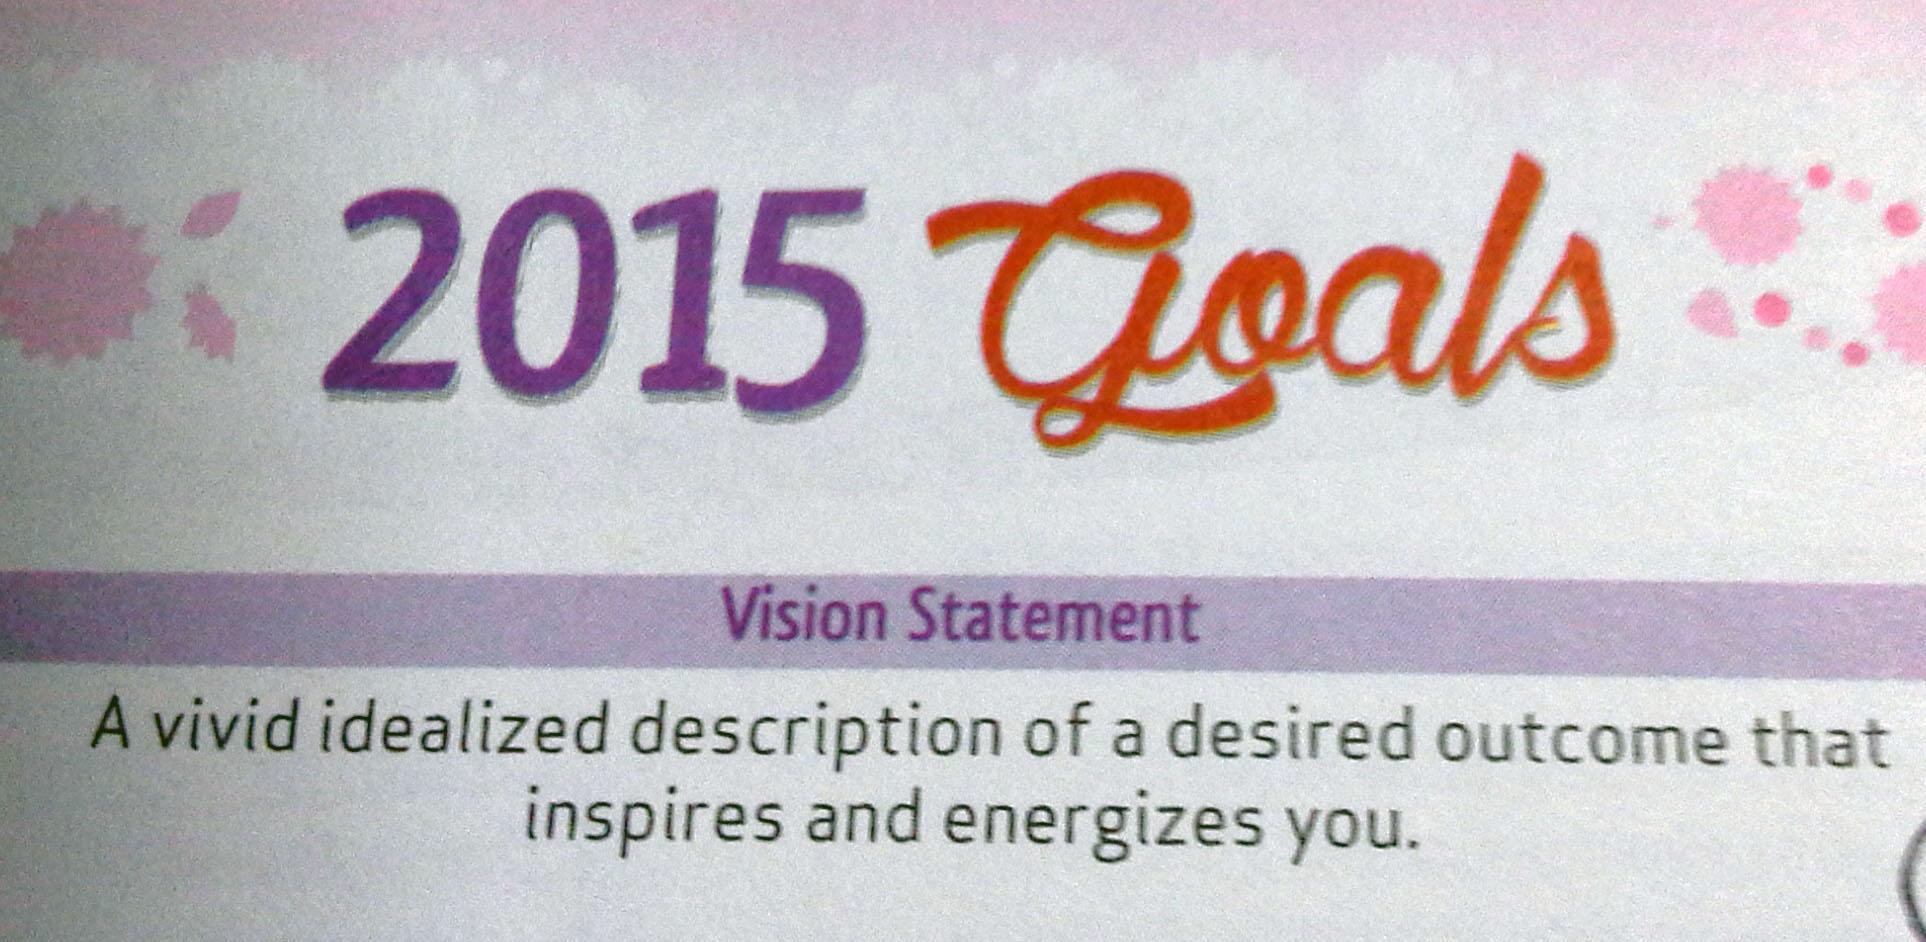 Goal Setting for 2015